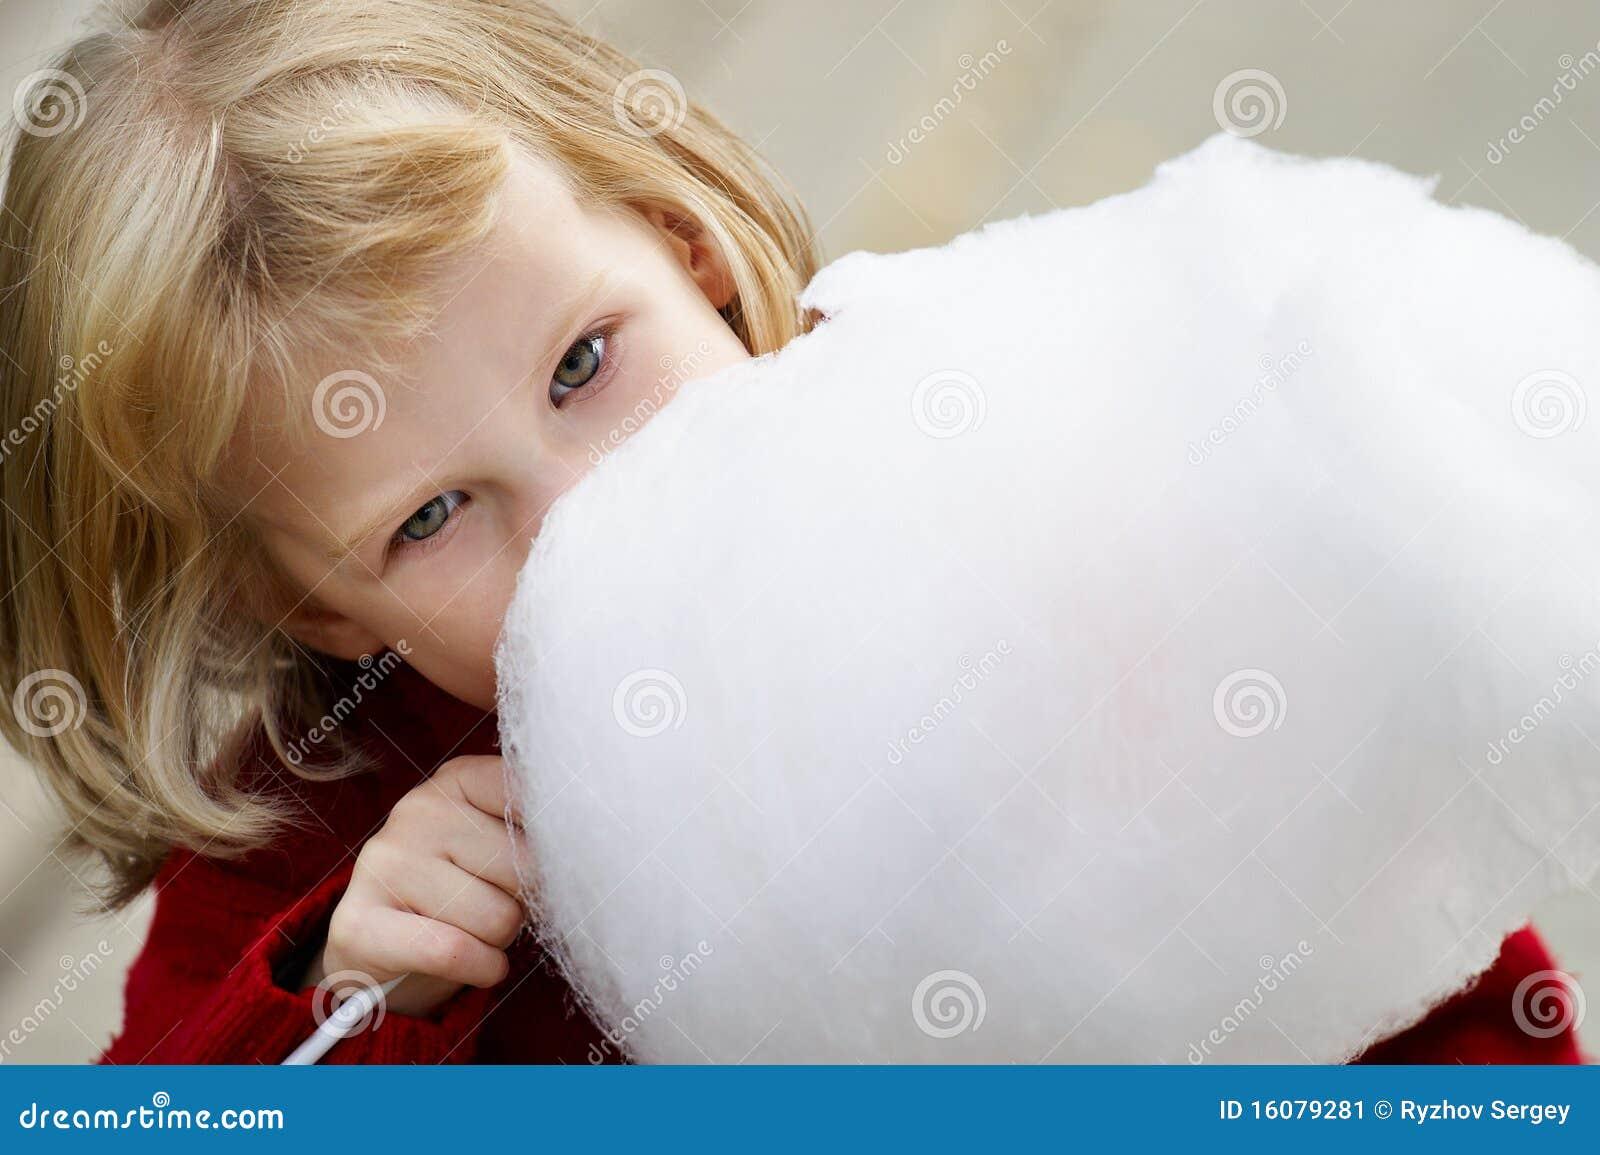 Фото сладких девчонок 23 фотография